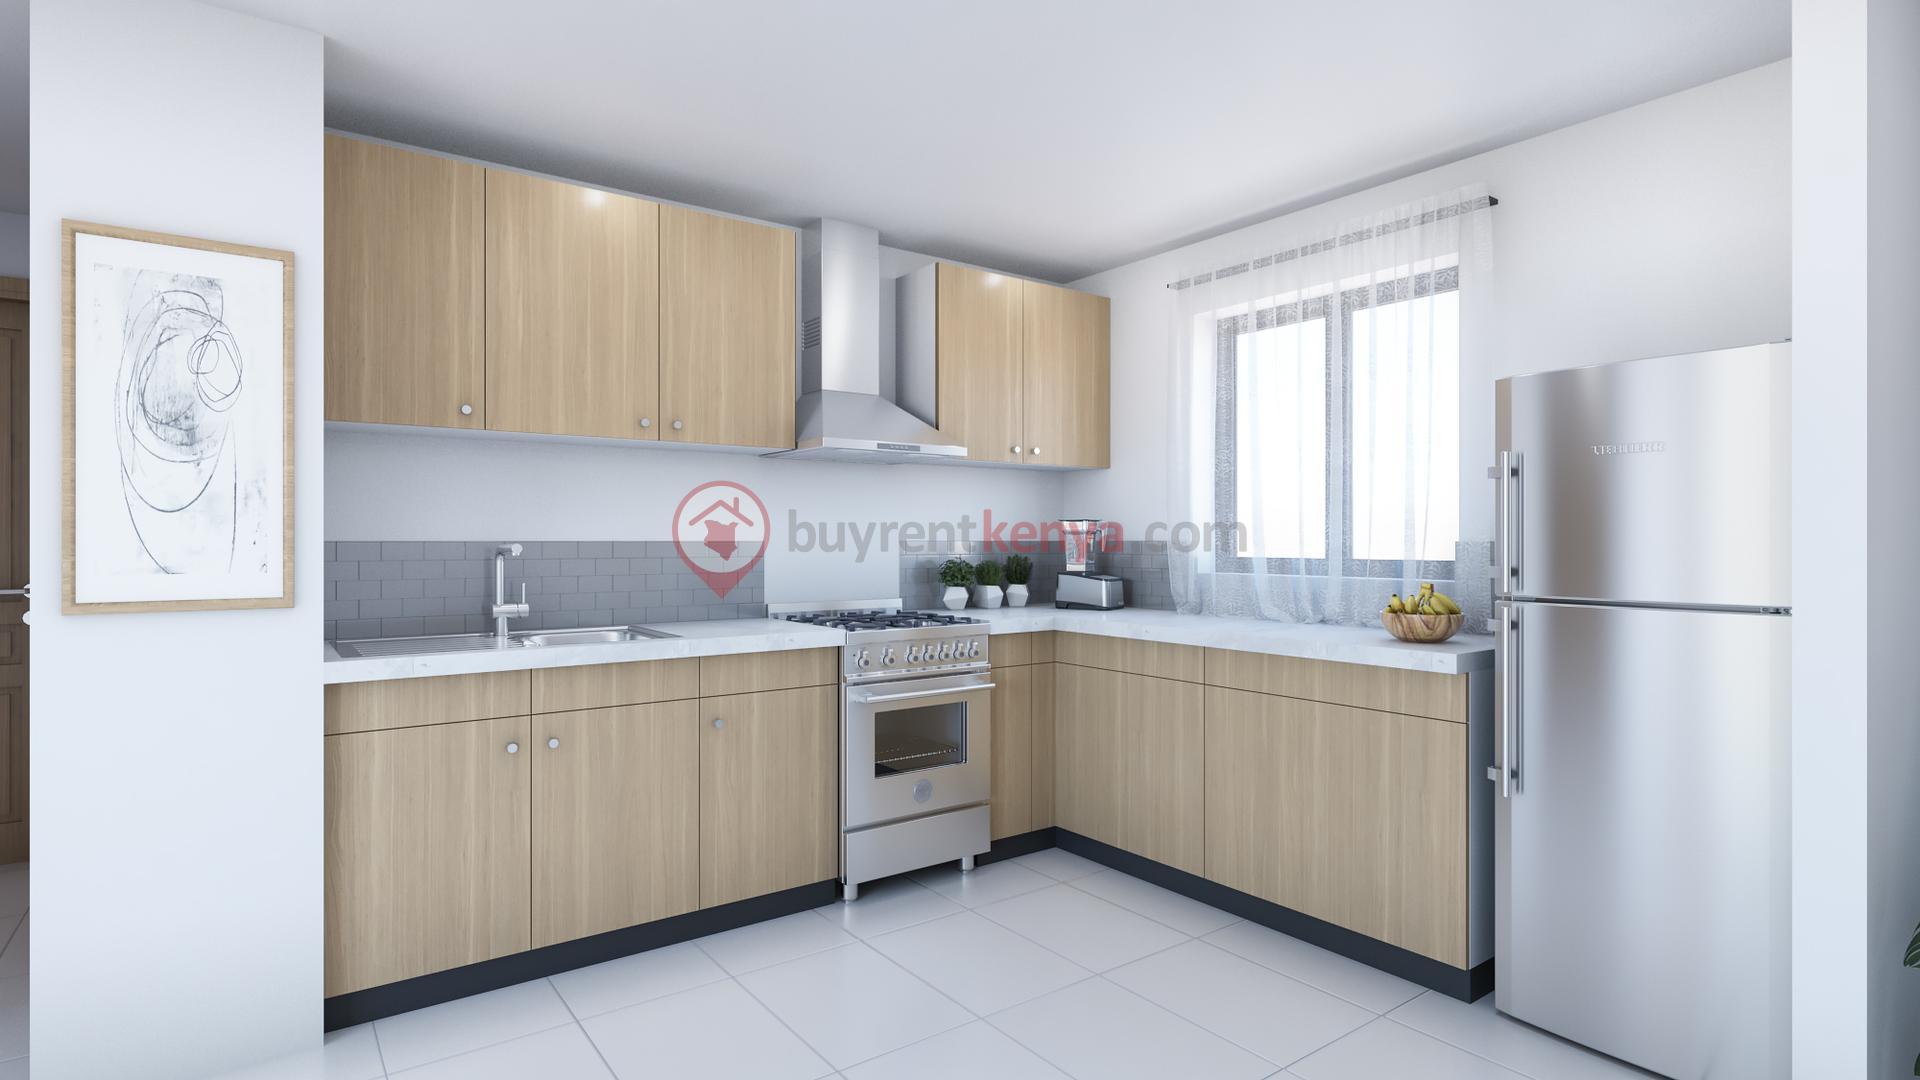 03. Kitchen